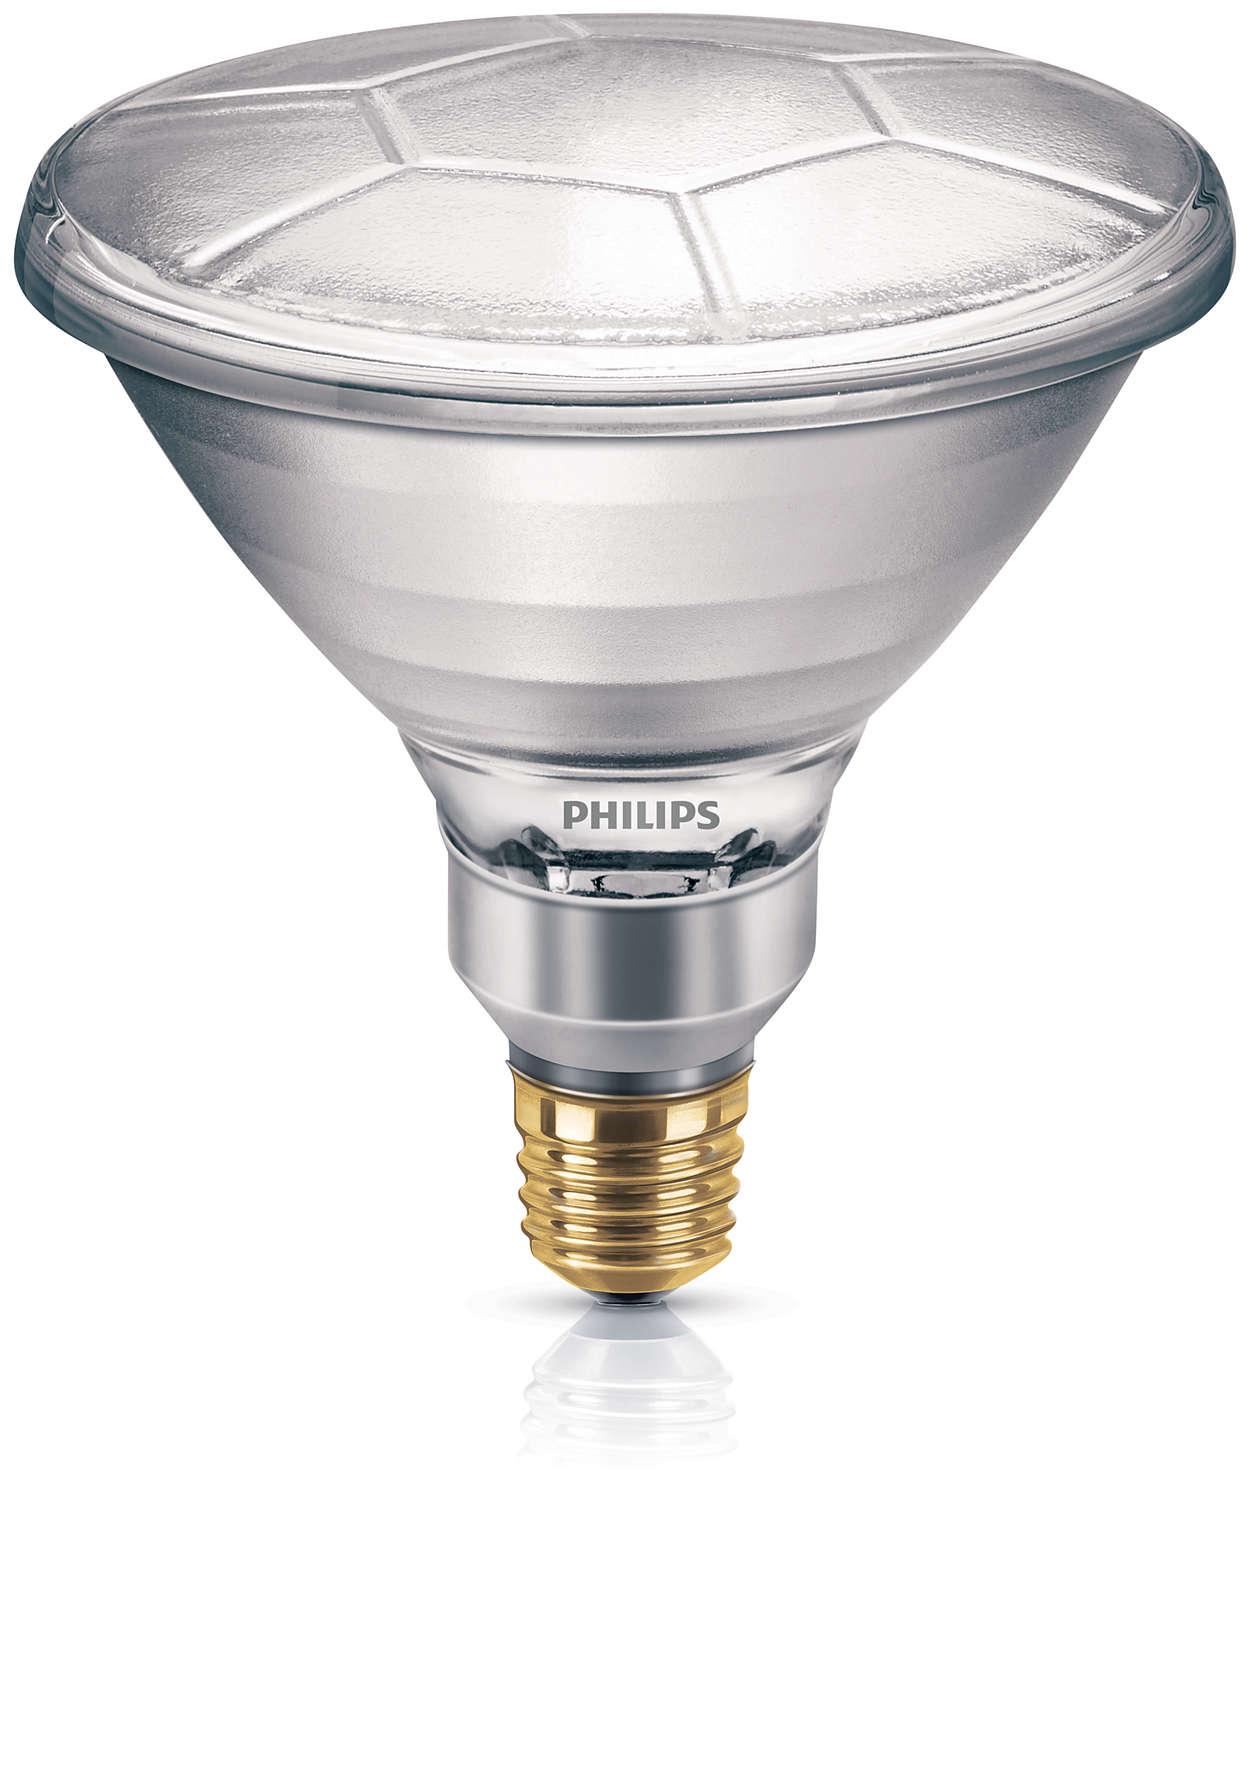 Lâmpada reflectora de alta intensidade